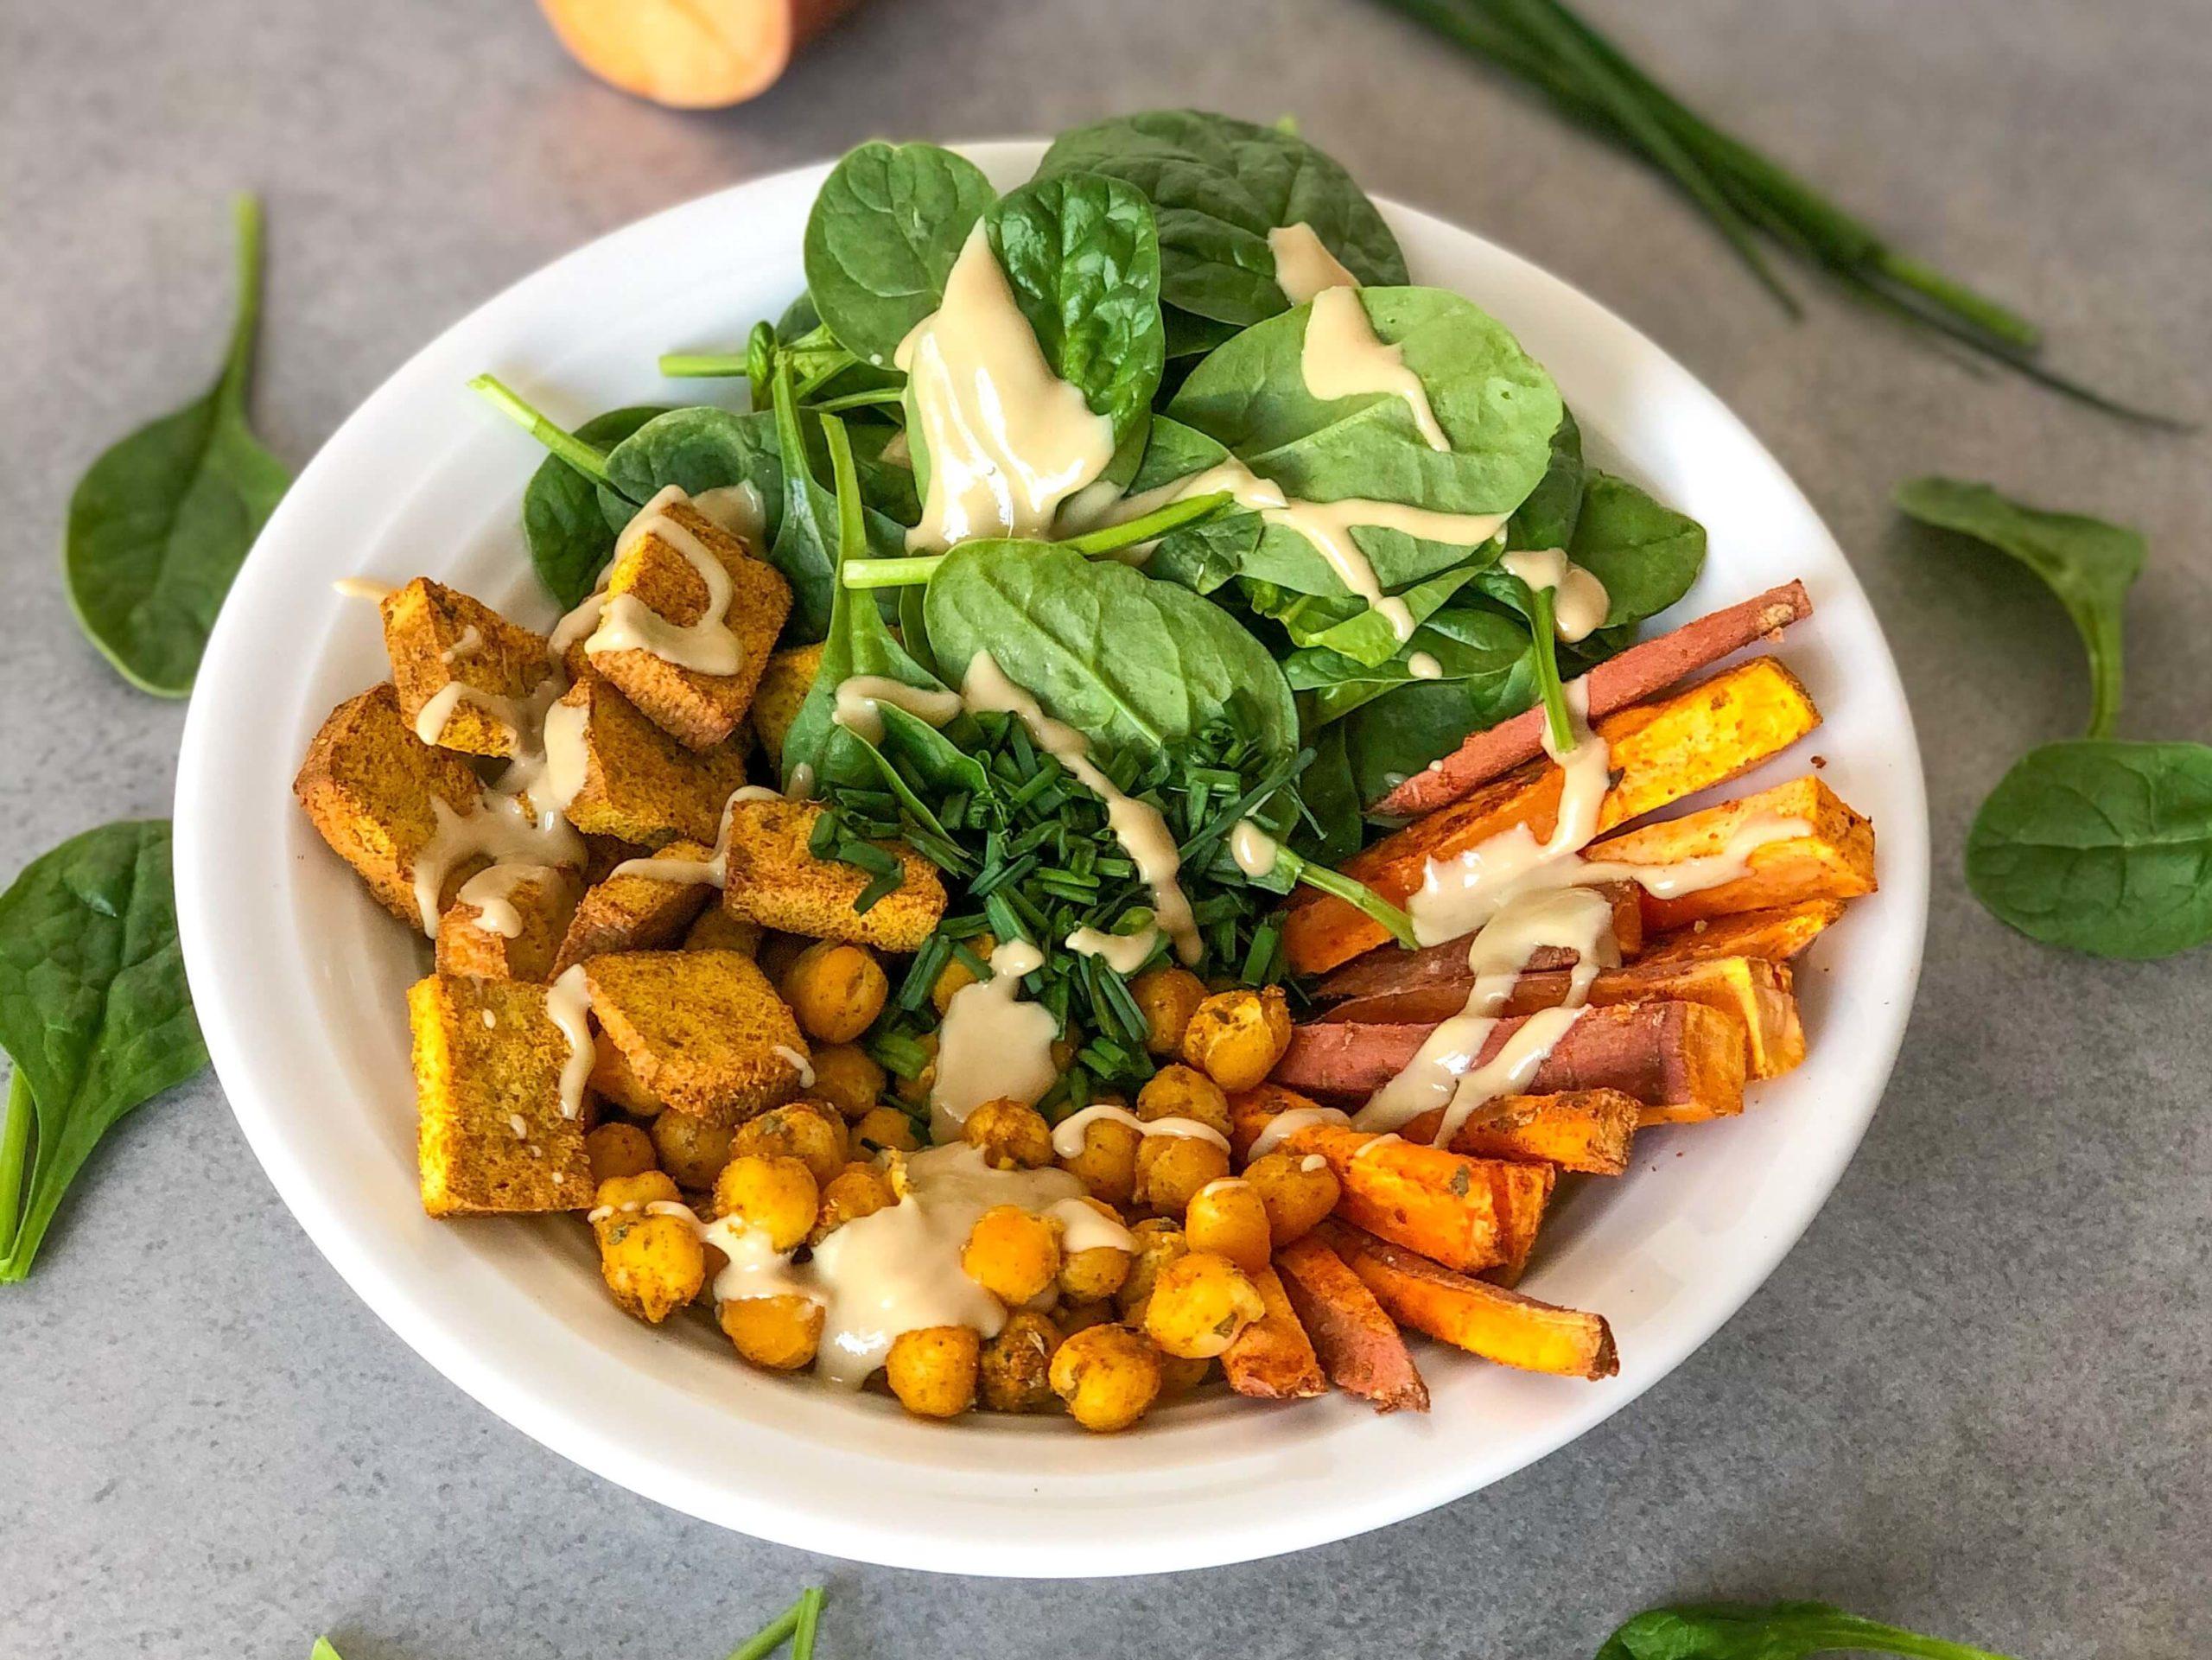 Pieczony bowl z chrupiącym tofu, batatem, ciecierzycą, szpinakiem i tahini - zdrowa dieta